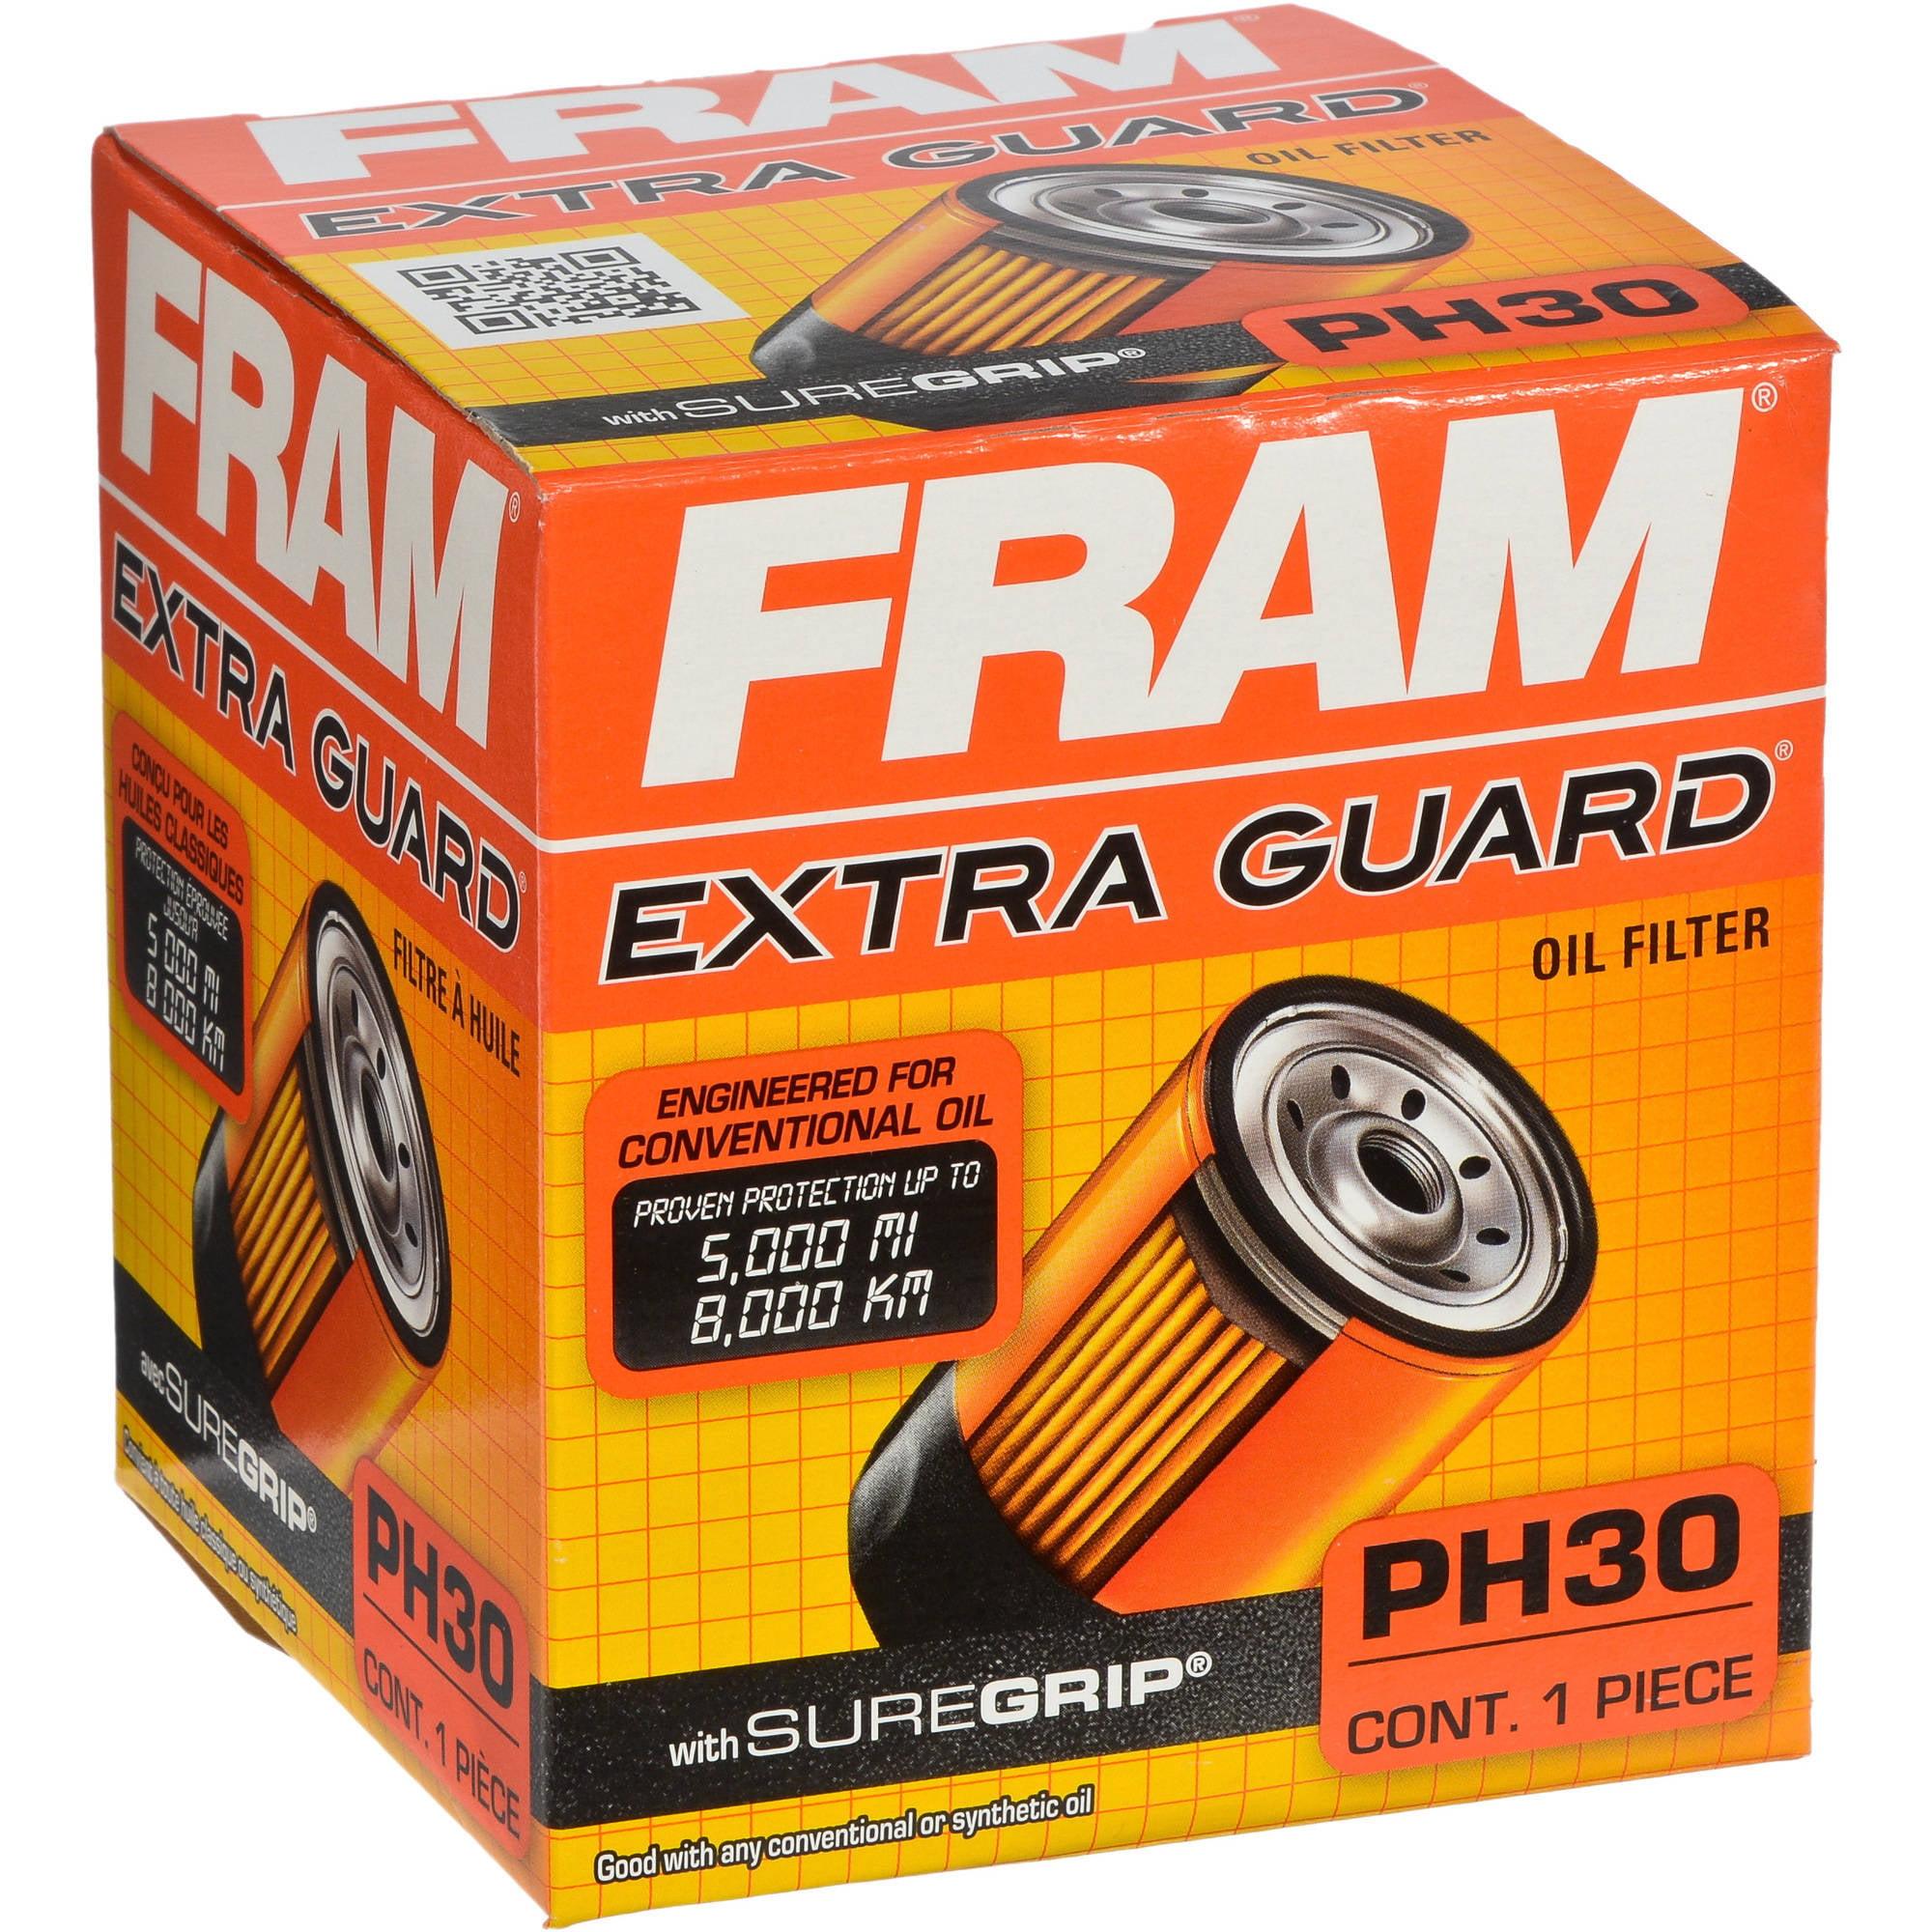 FRAM Extra Guard Oil Filter, PH30